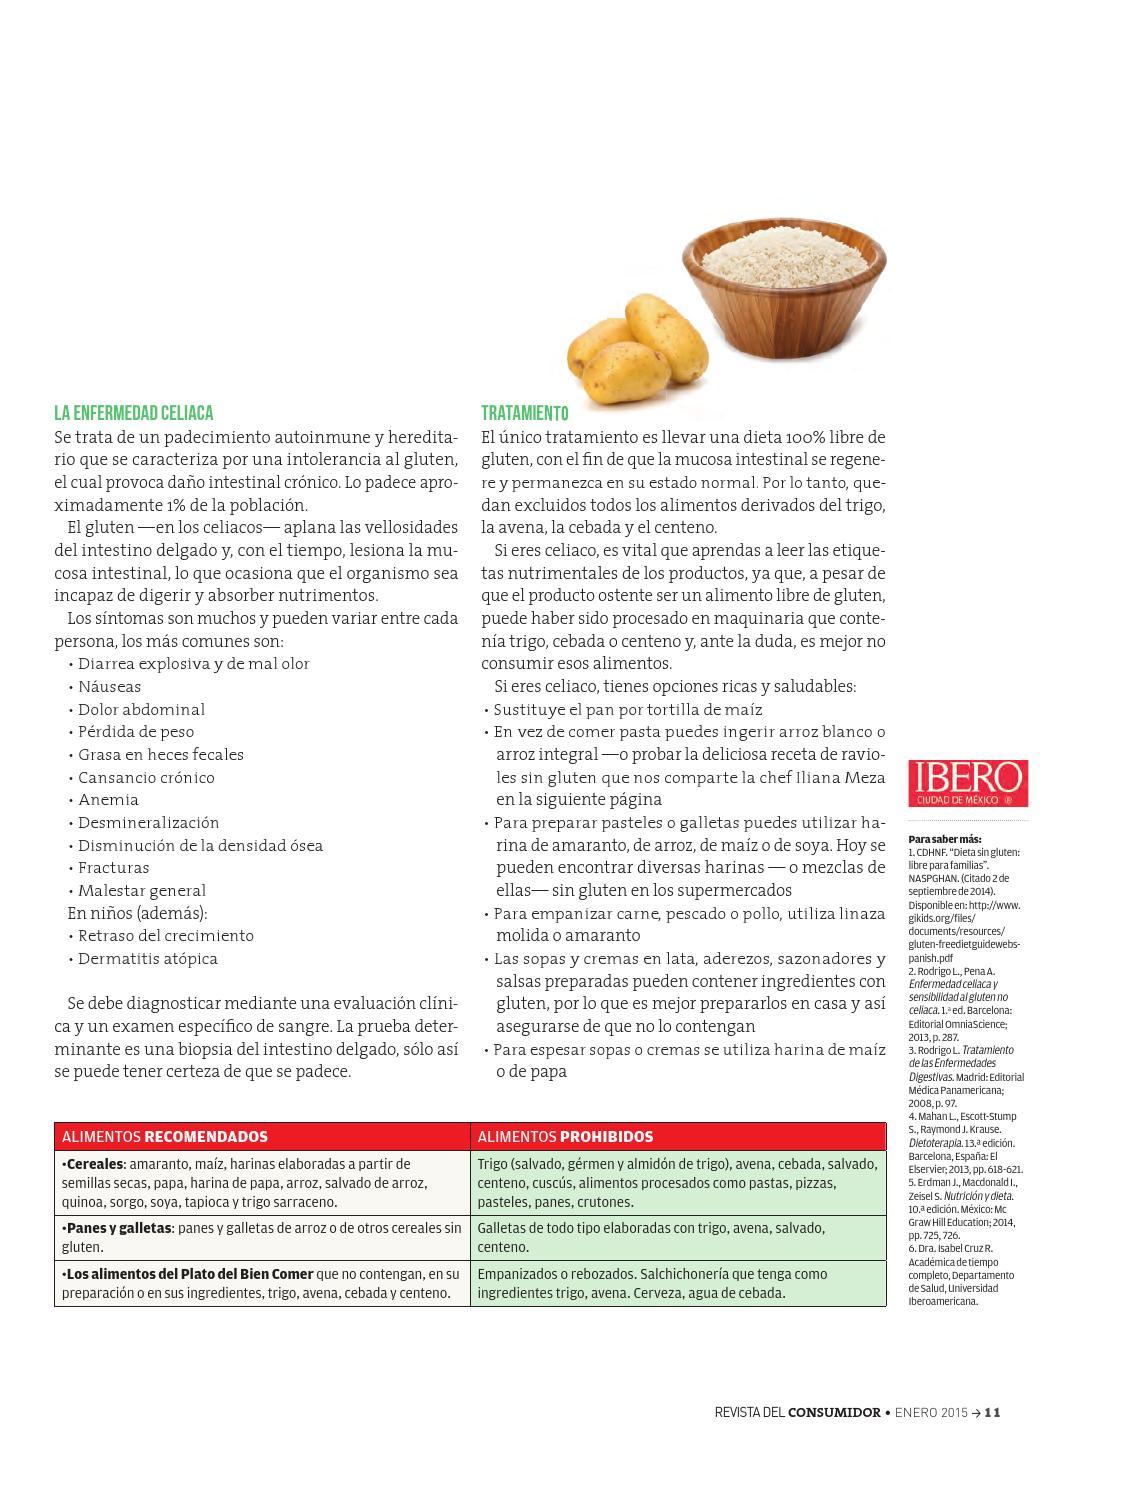 se puede comer galletas de arroz en dieta sin harinas